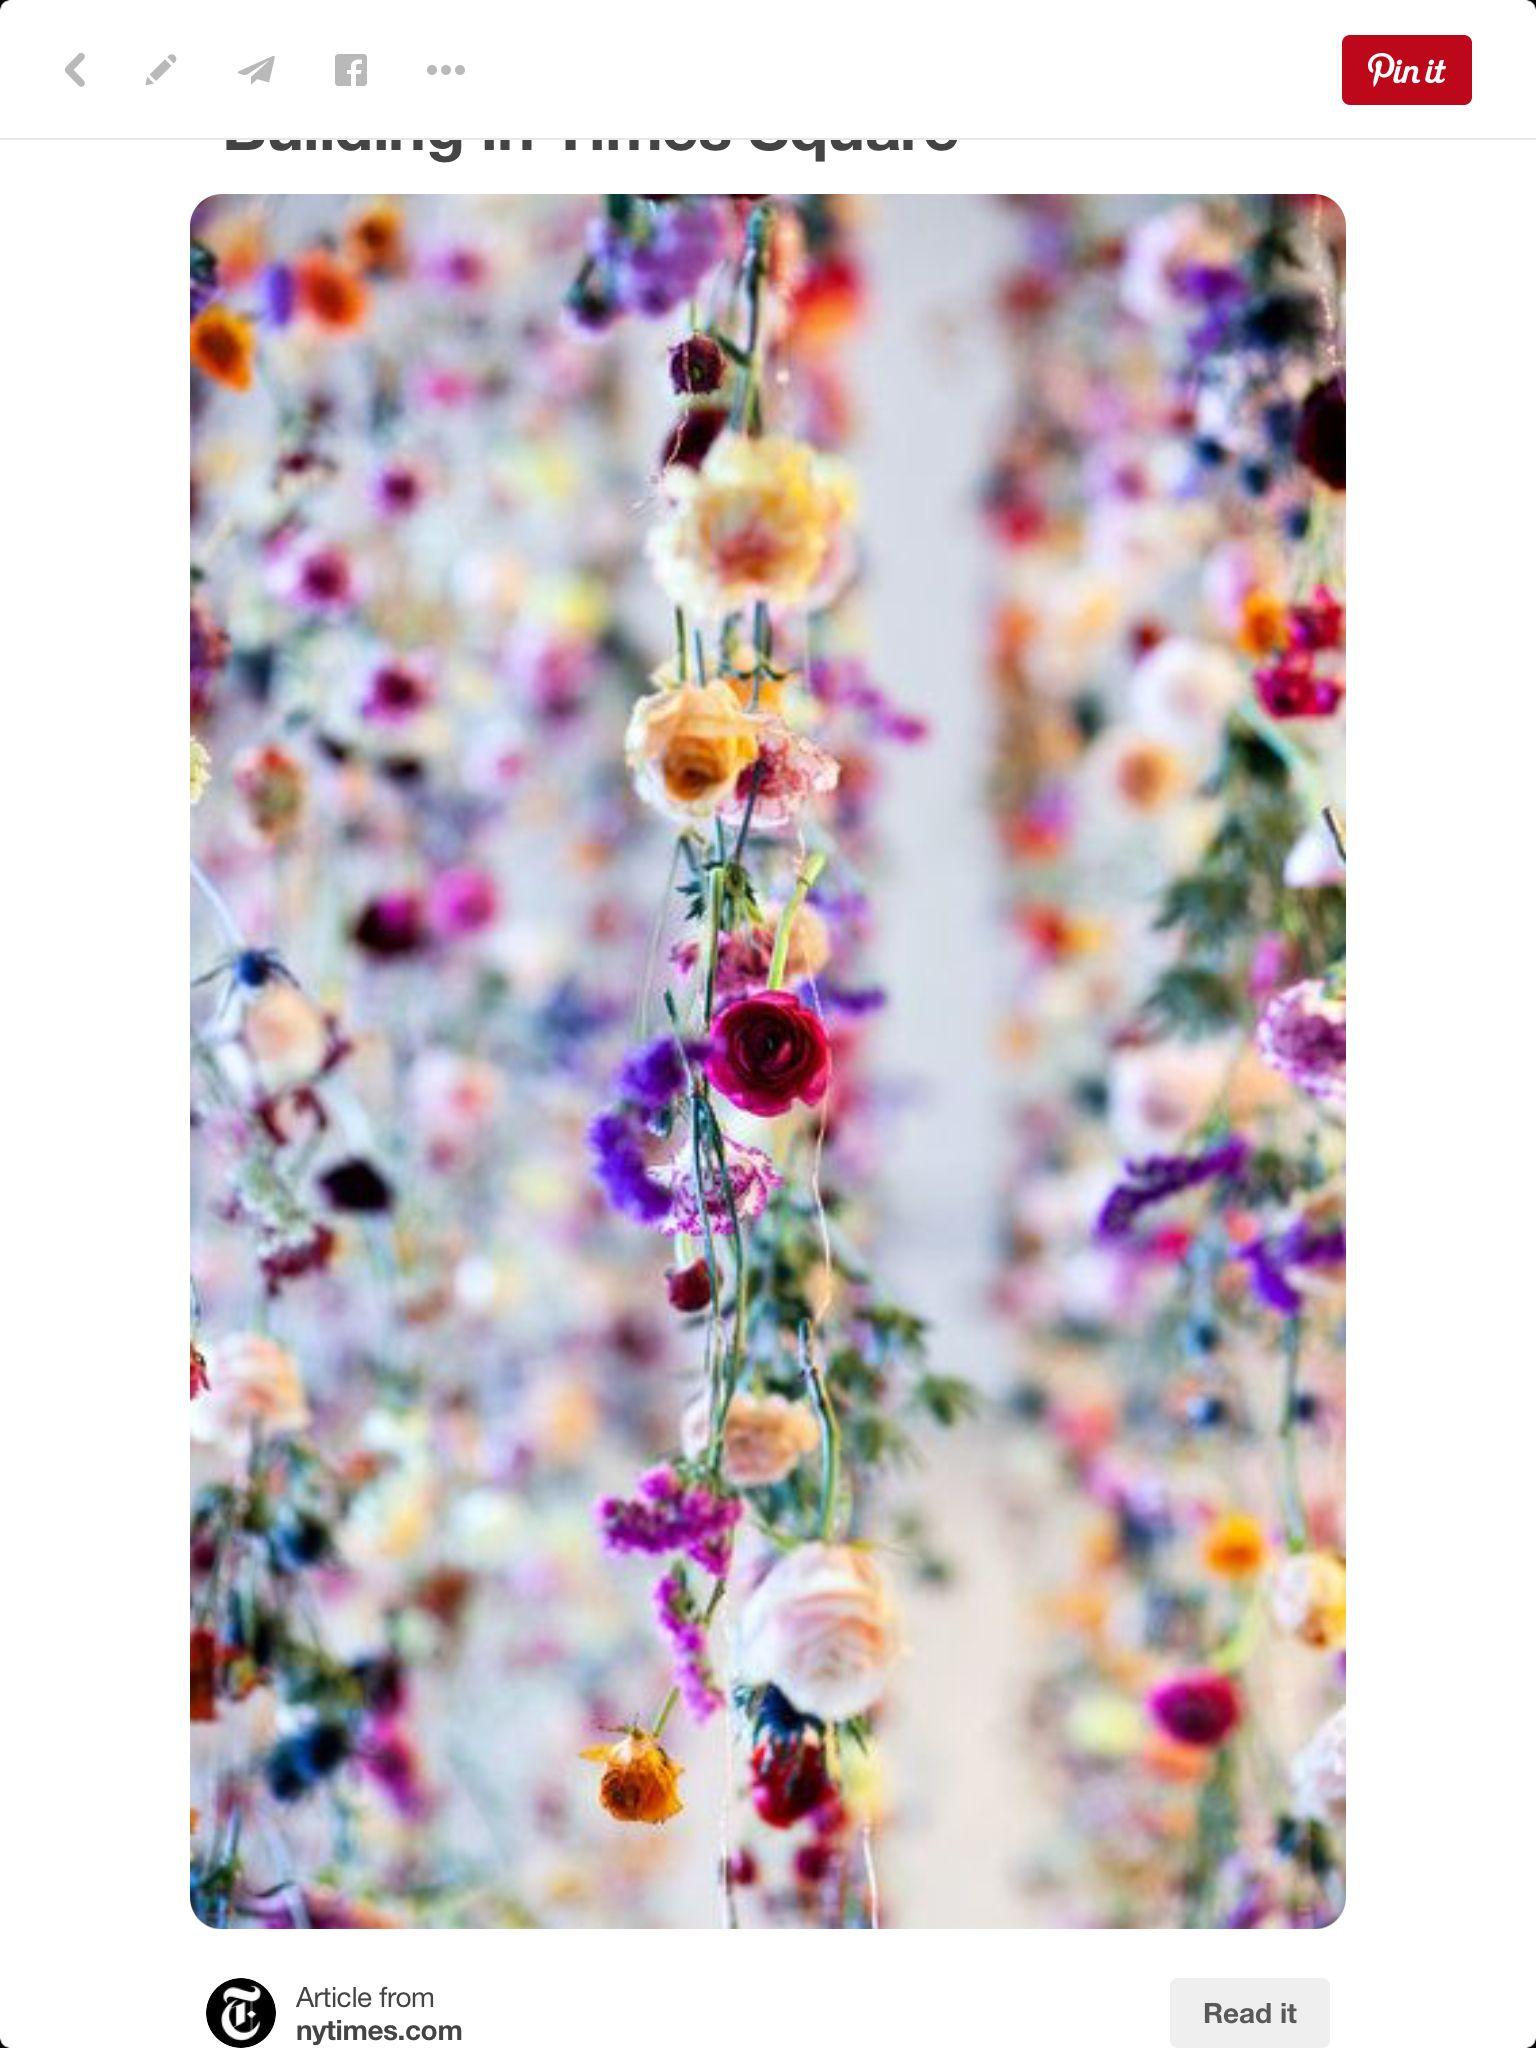 Floral strands